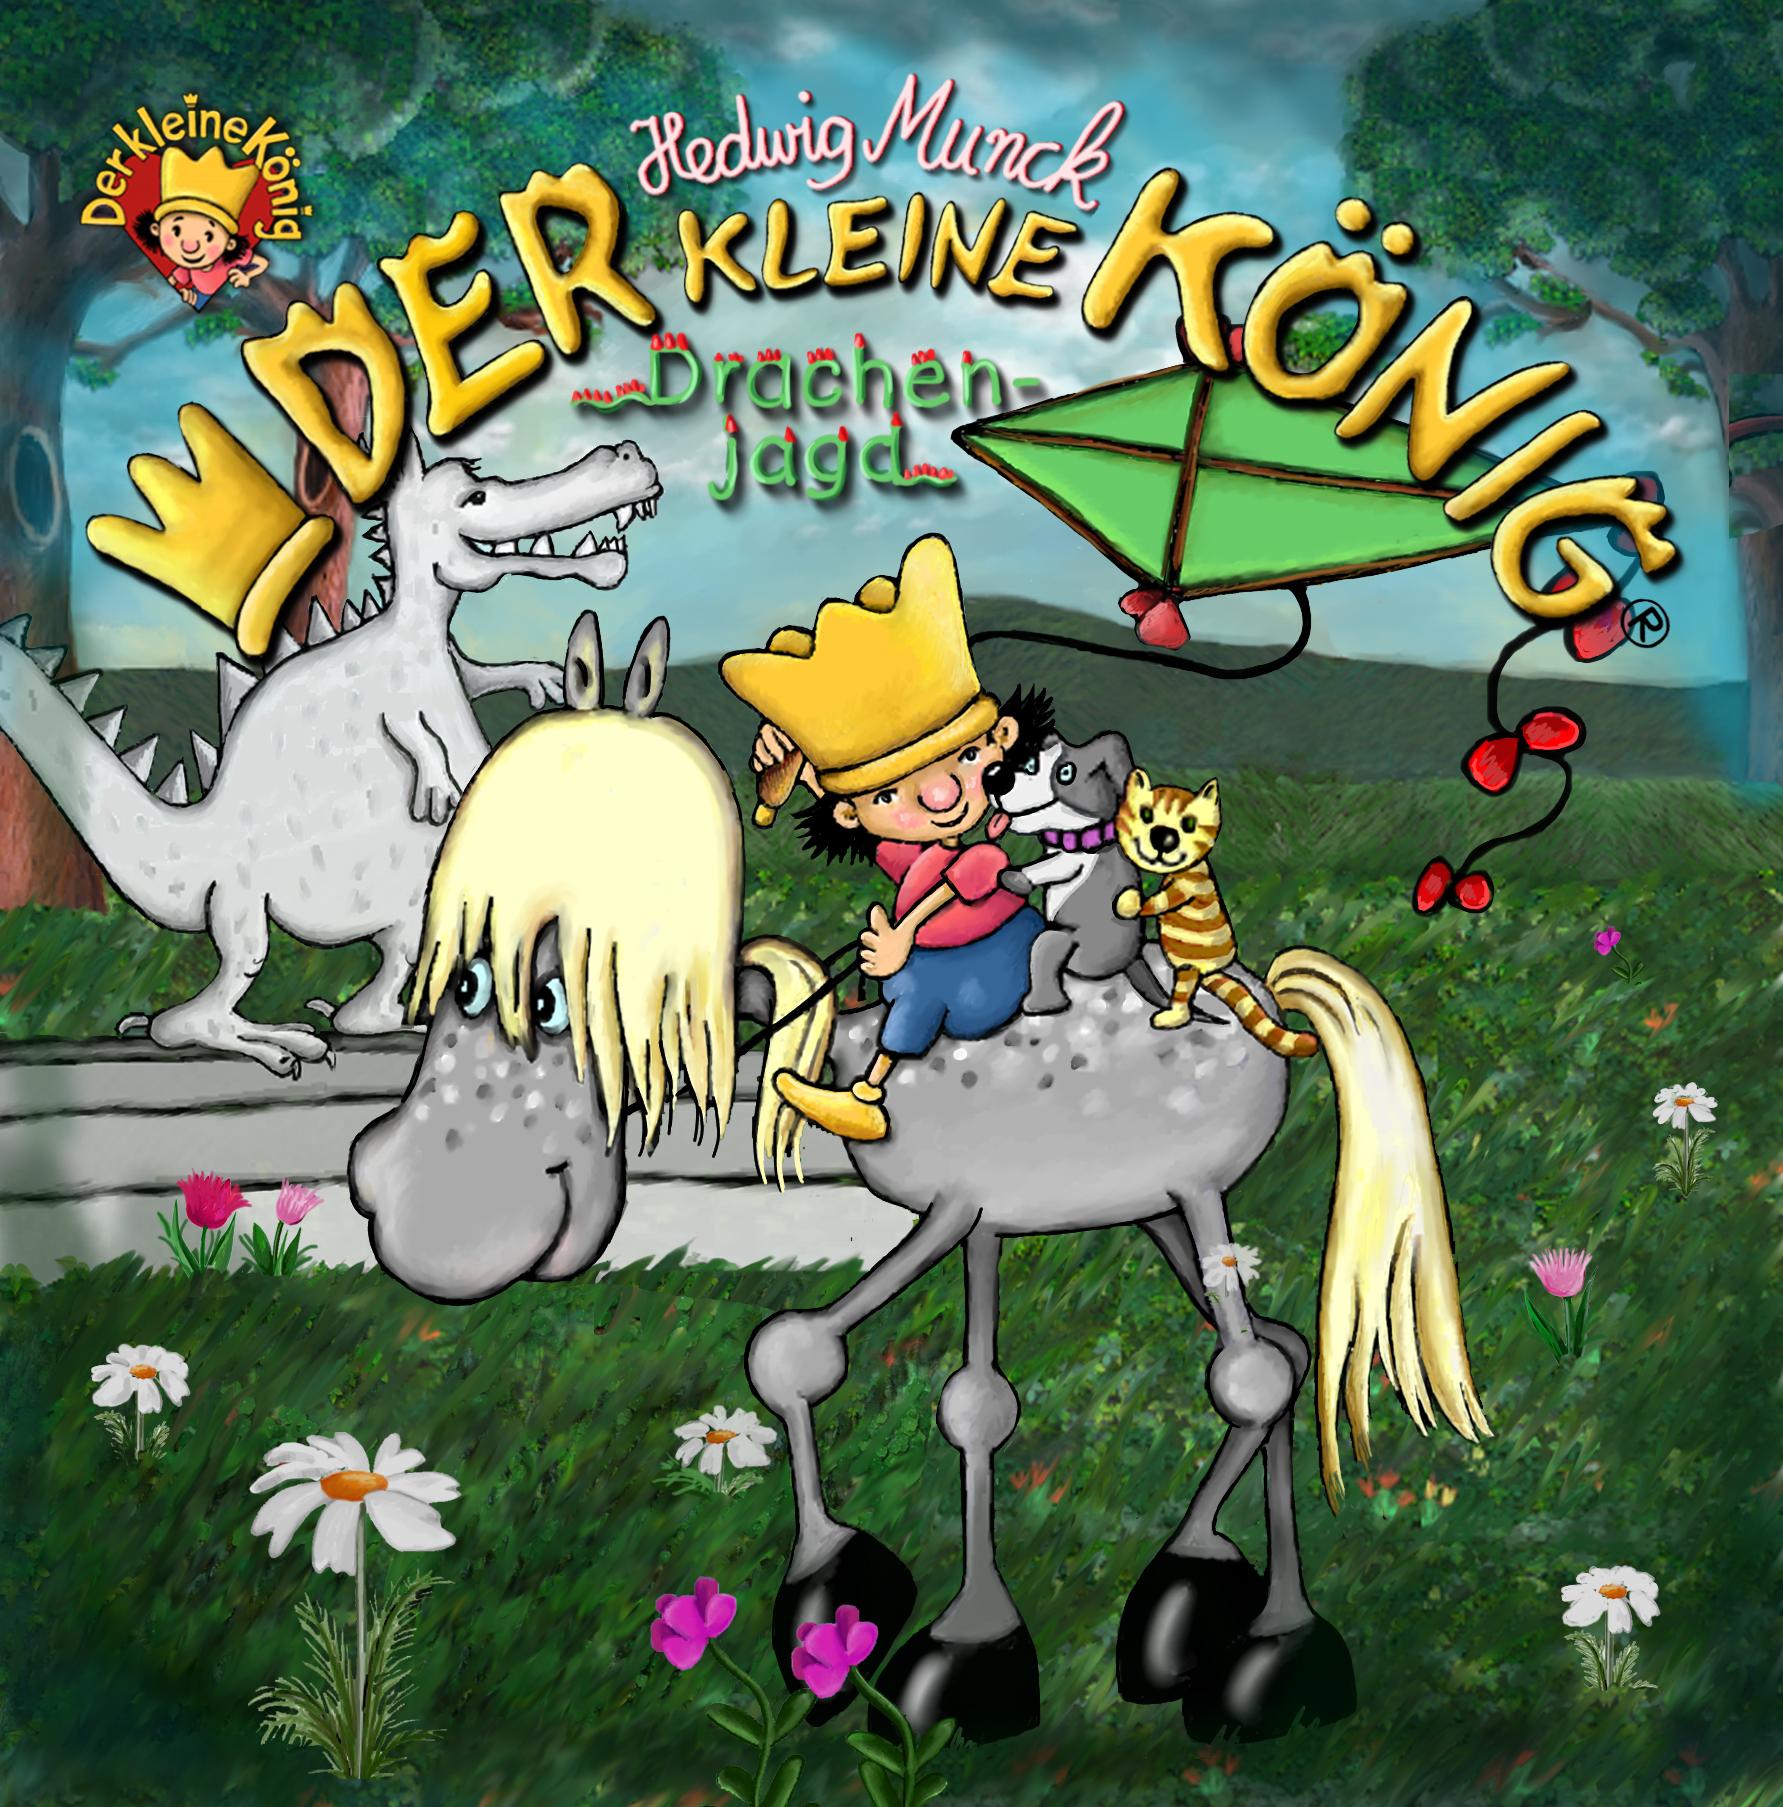 Hedwig Munck Der kleine König - Drachenjagd munck hedwig der kleine konig und der verlorene zahn page 3 page 5 page 10 page 7